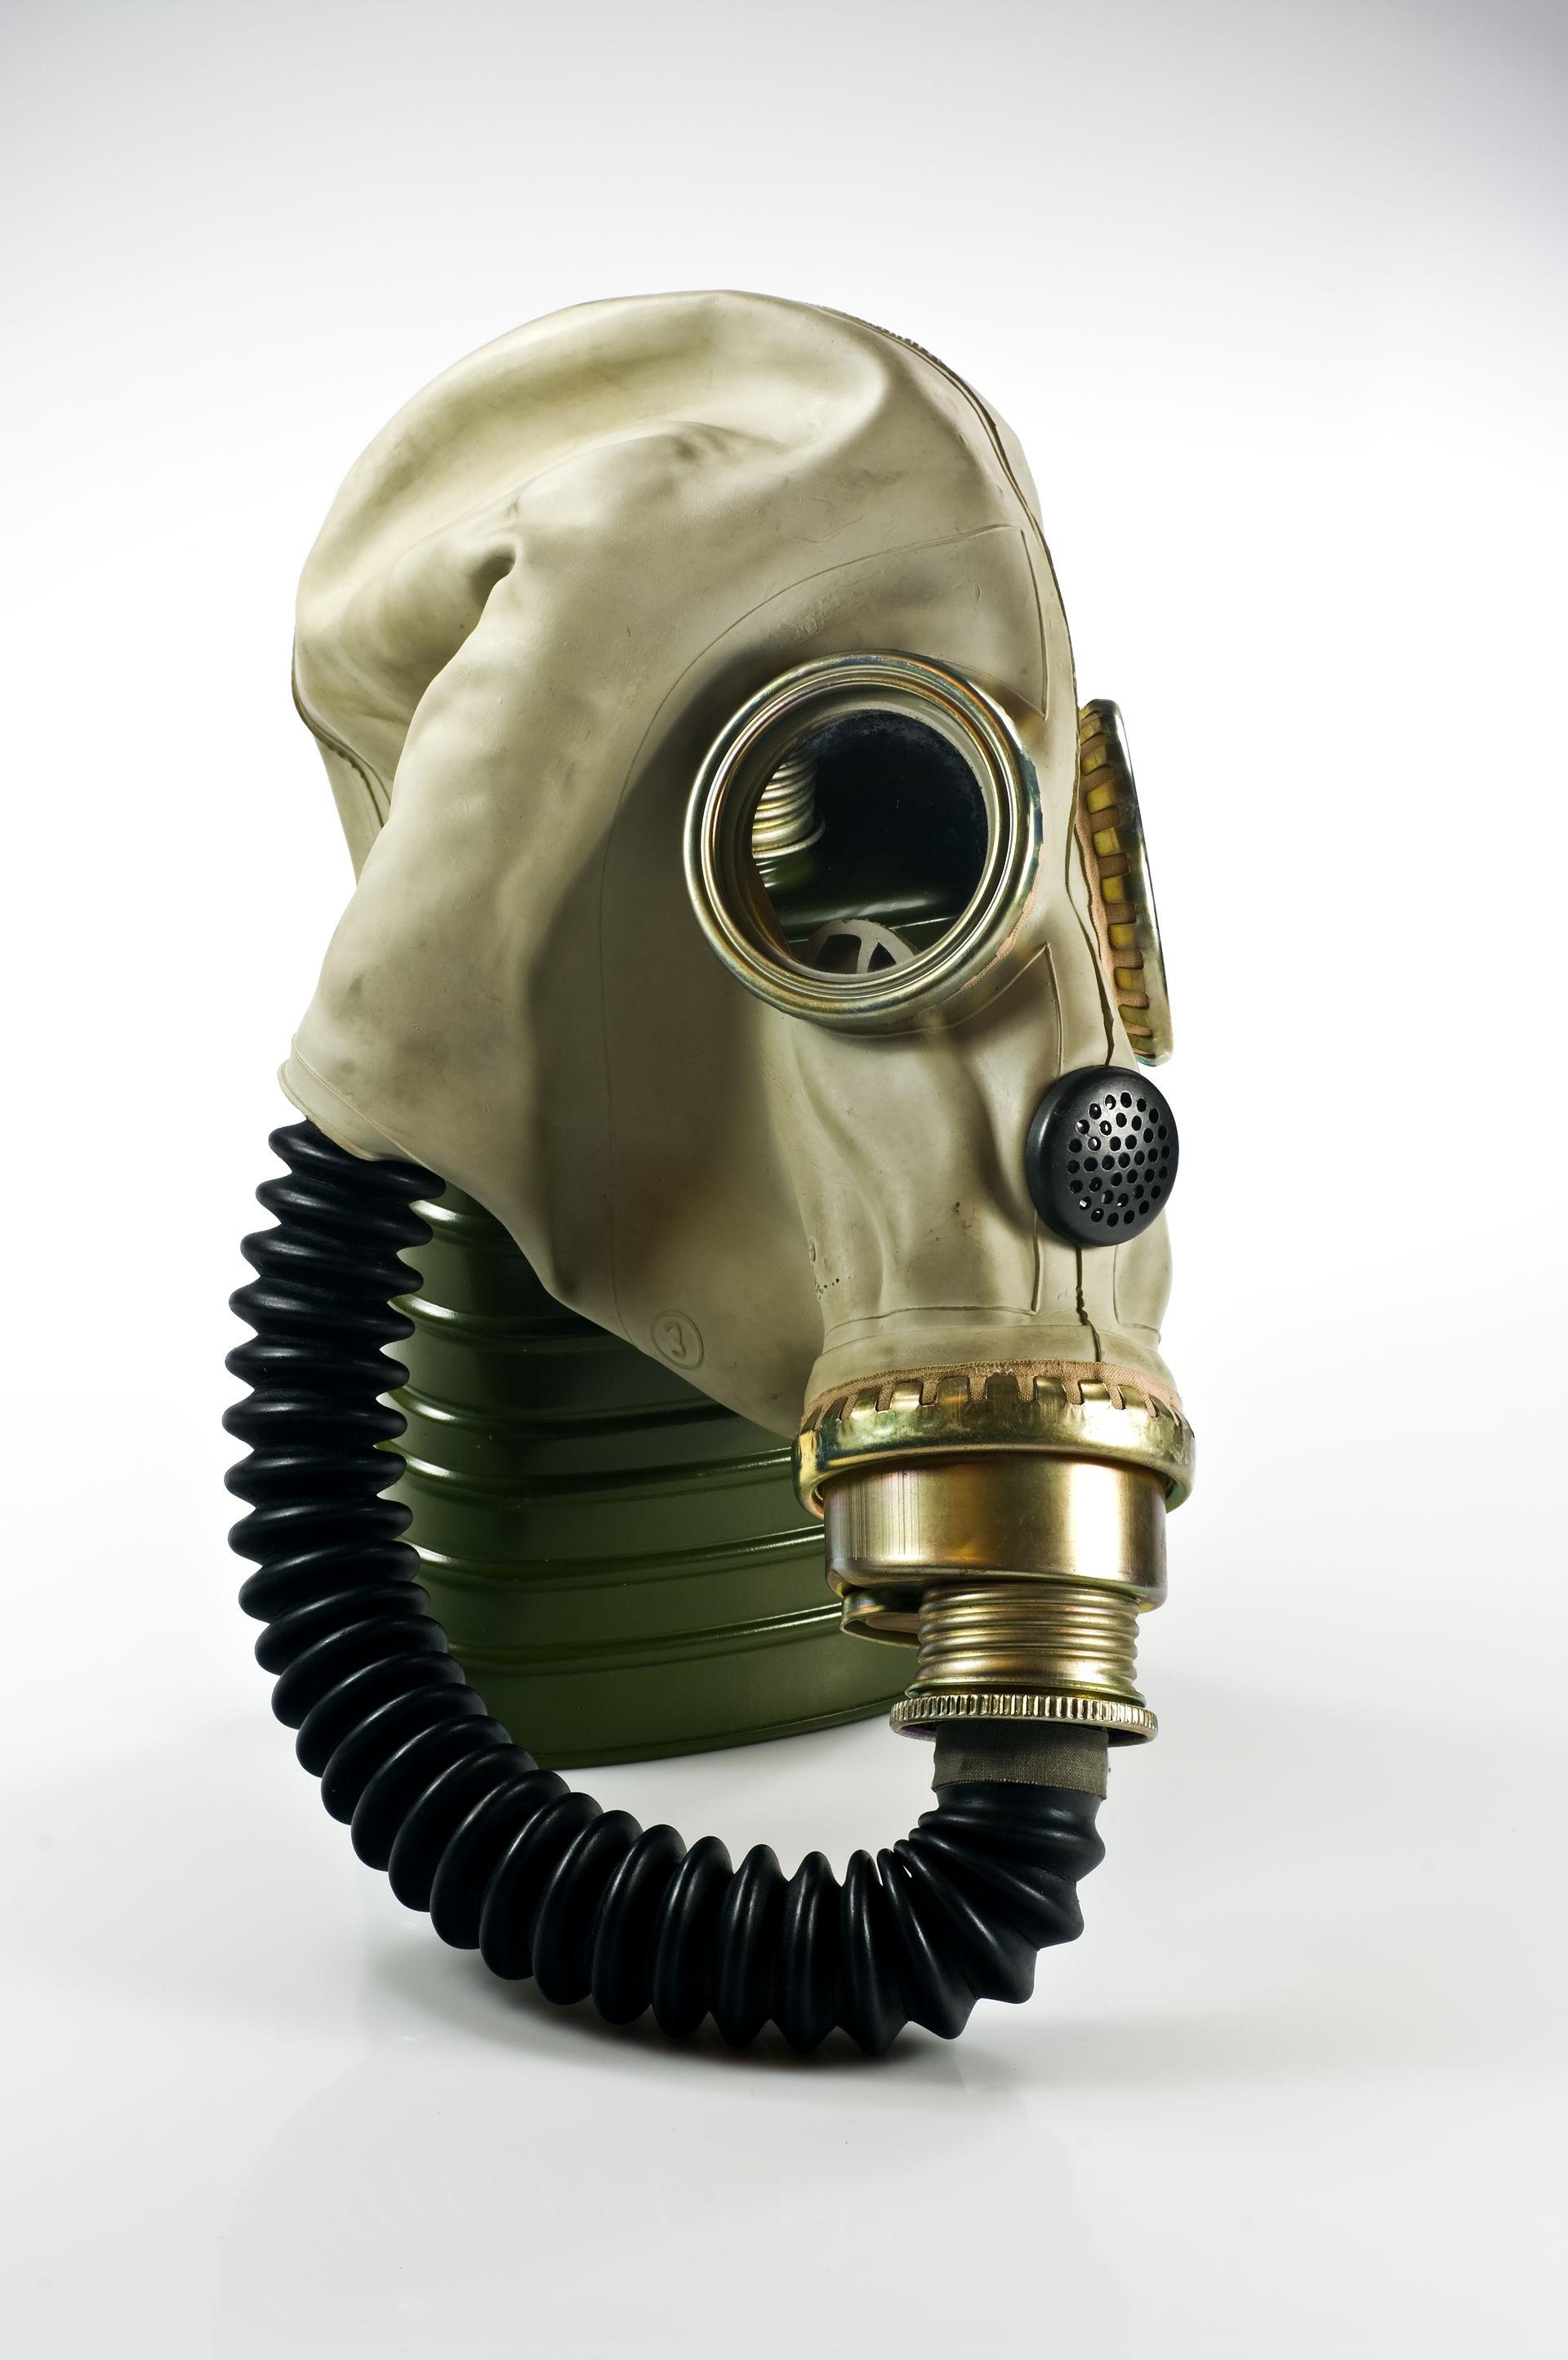 Gas mask - Wikipedia